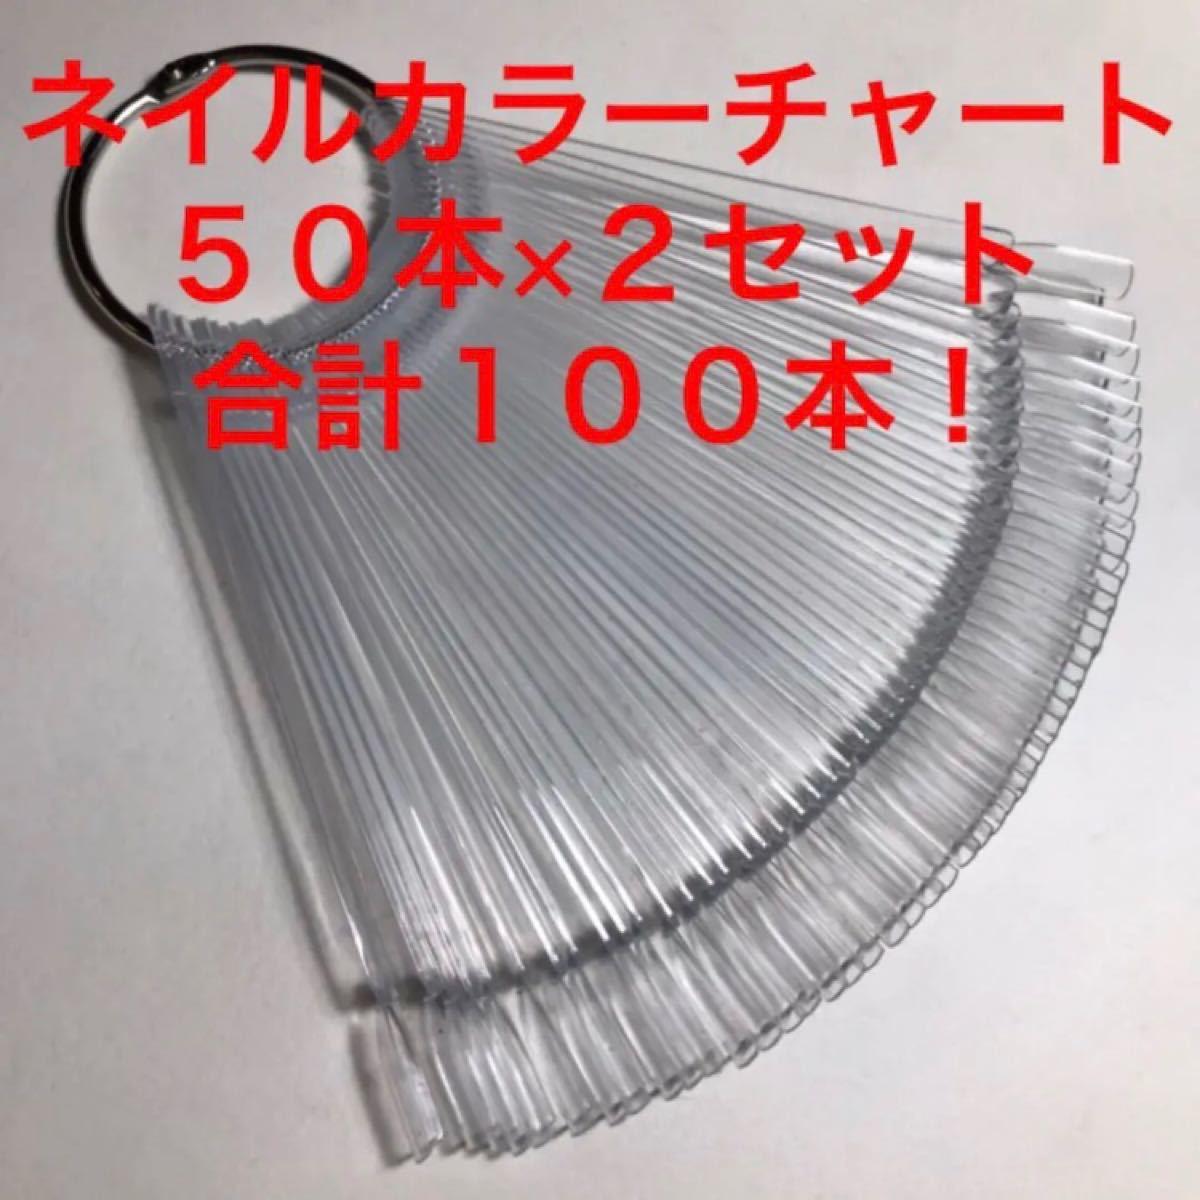 100本セット・ネイルカラーチャート・スティックタイプ・クリア